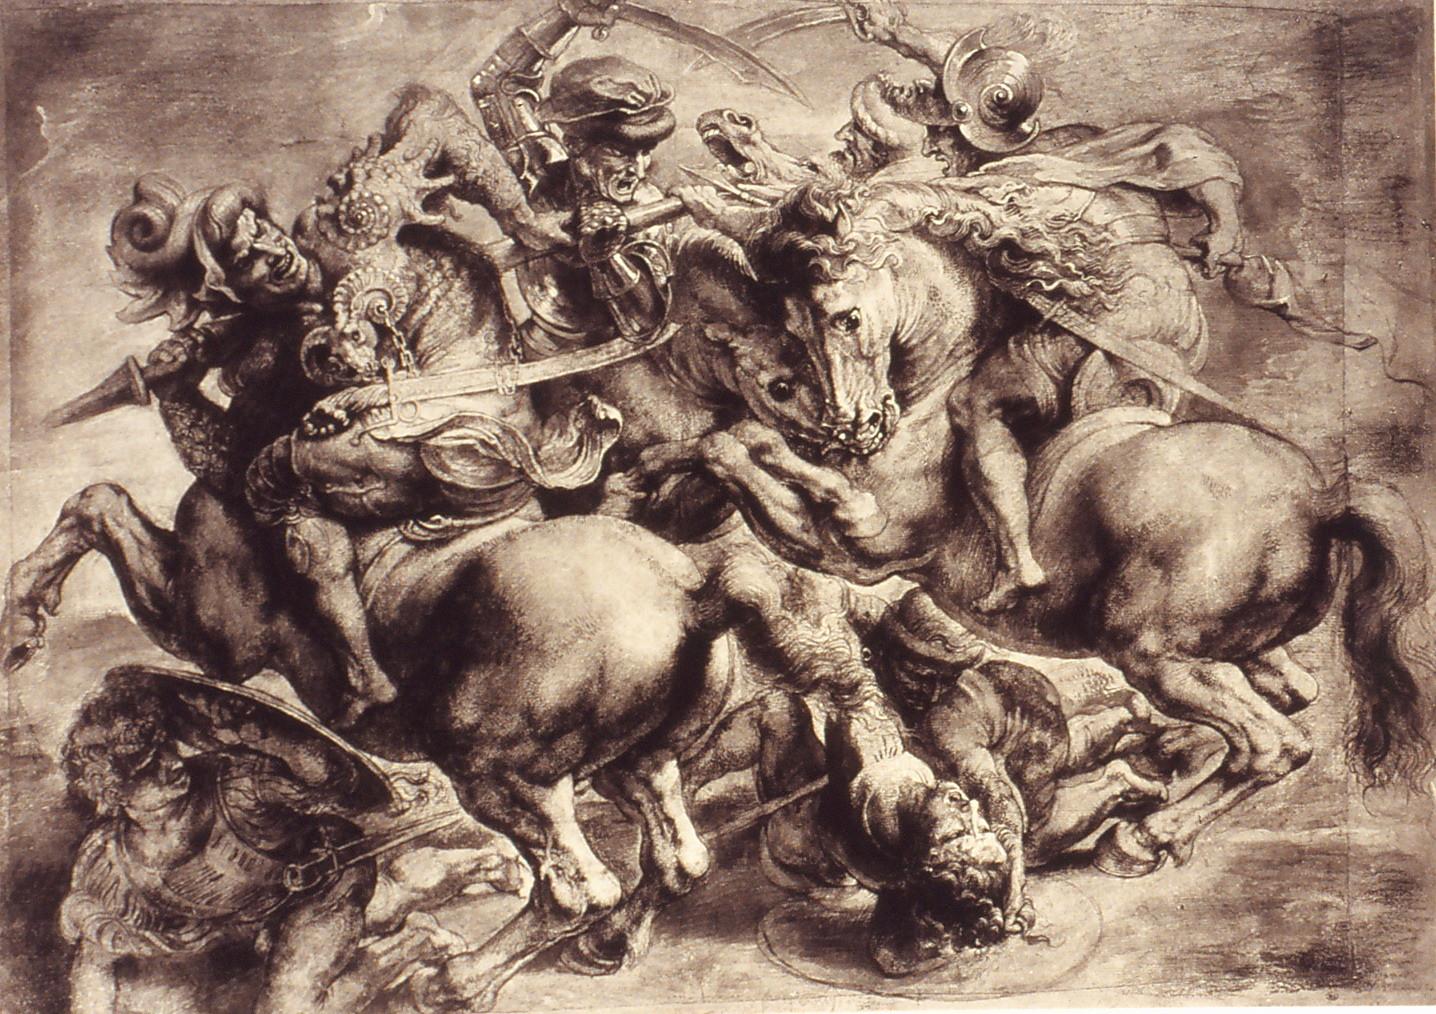 ルーベンスによる模写「アンギアーリの戦い」